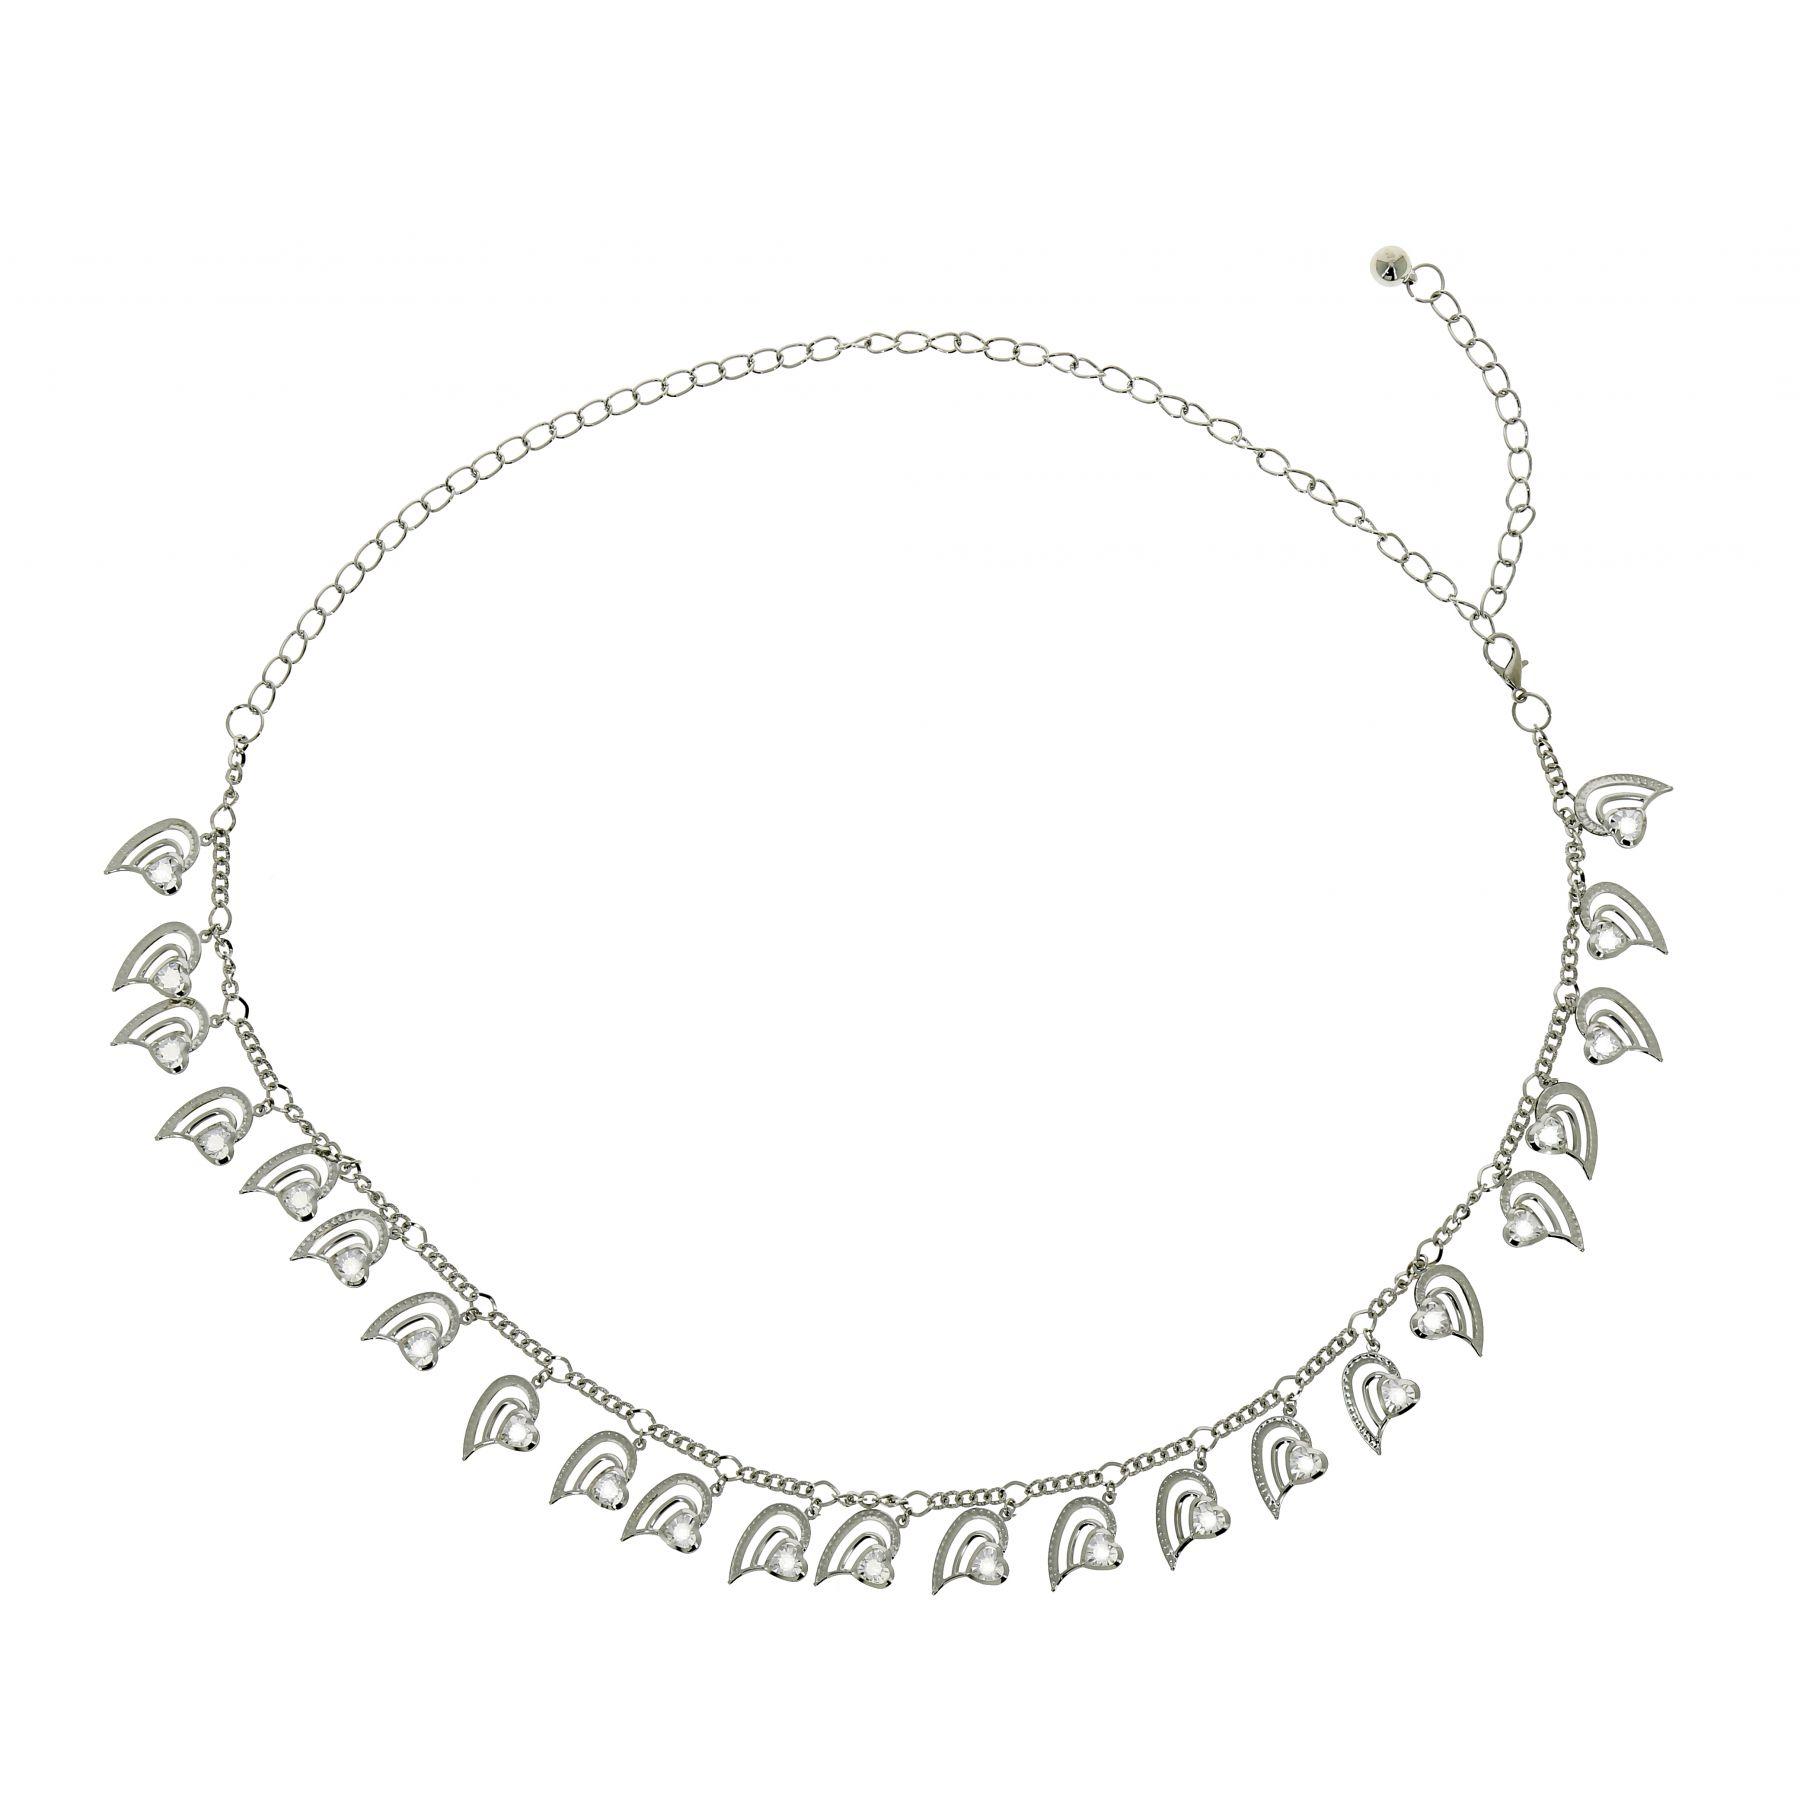 Ceinture chaîne à coeur pour femme PAOLINI. Loading zoom 0e32b16bc49